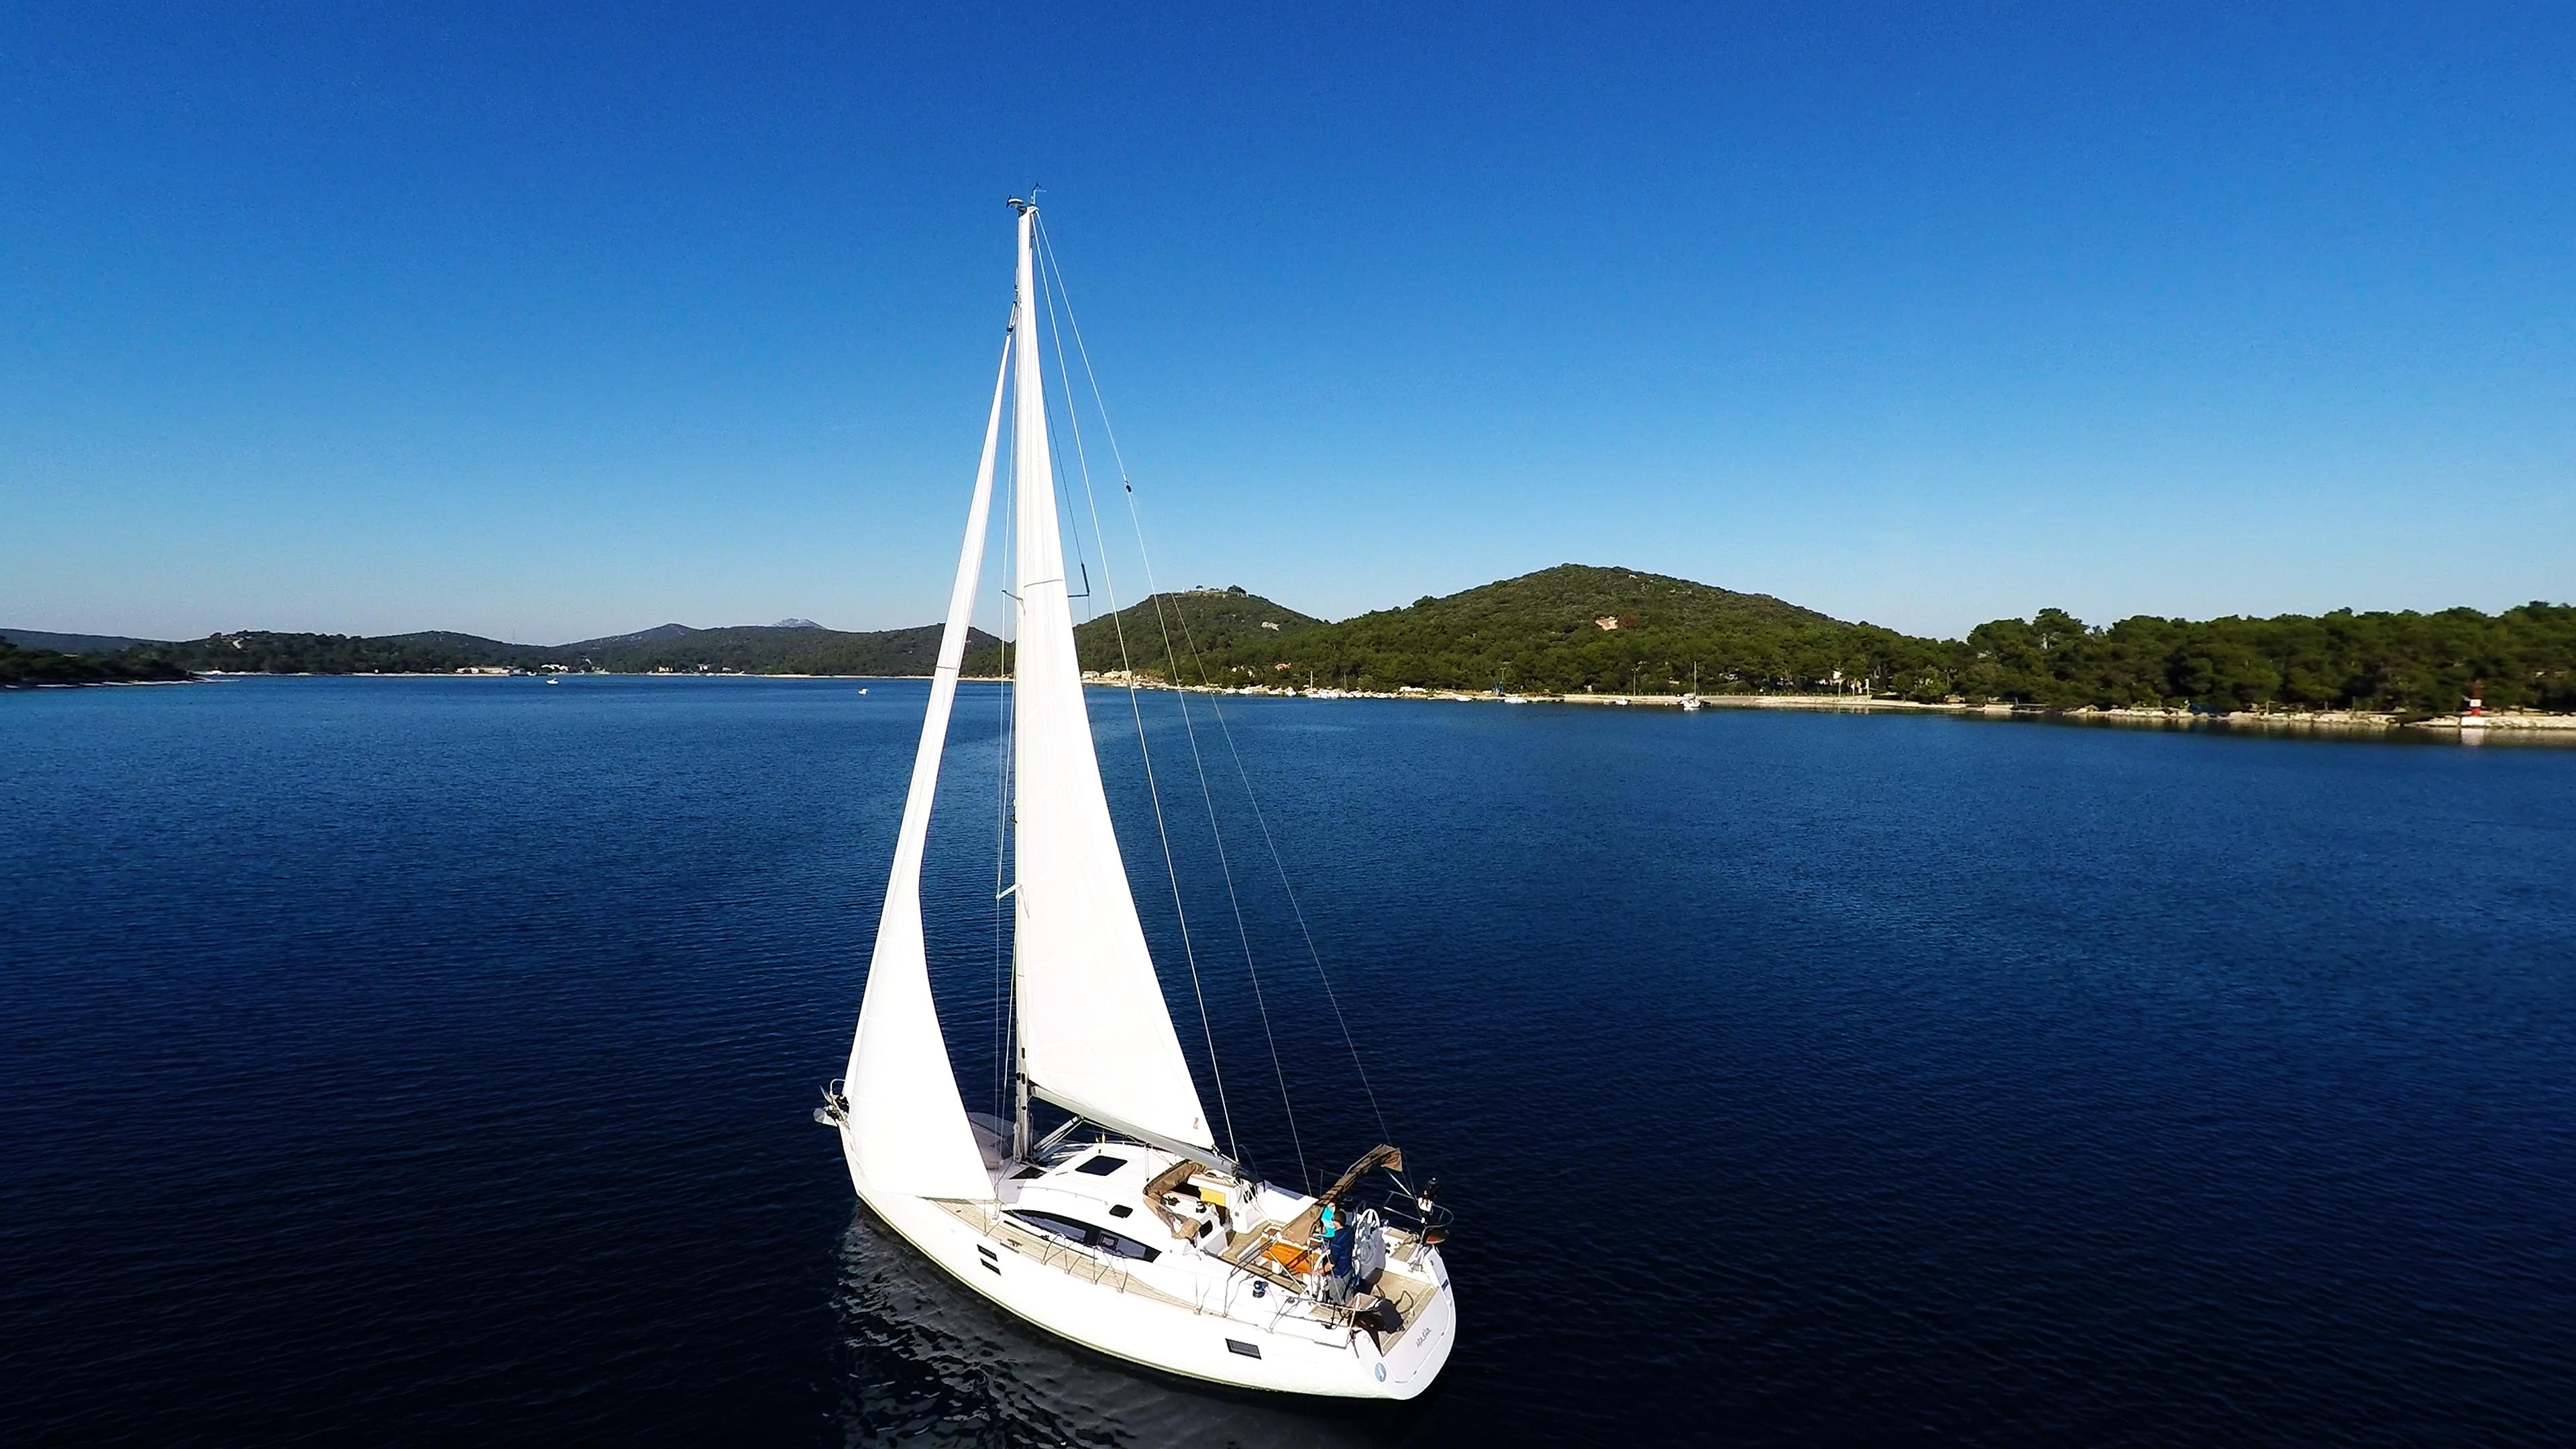 barcha a vela barca a velanella baia del mare cielo blu yacht a vela vela